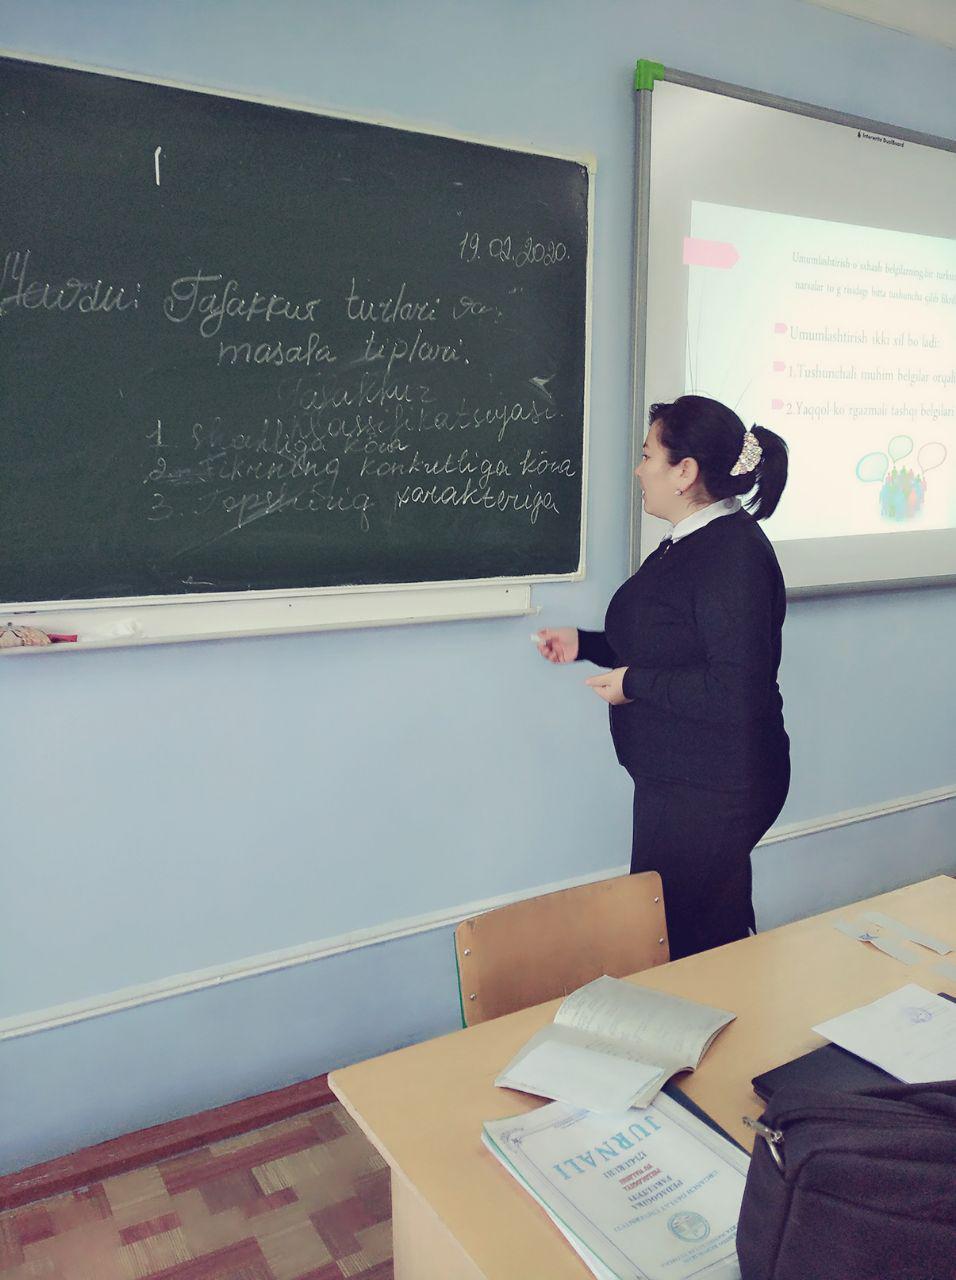 Pedagogika fakulteti pedagogika yo'nalishida ilmiy nazariy seminar bo'lib o'tdi